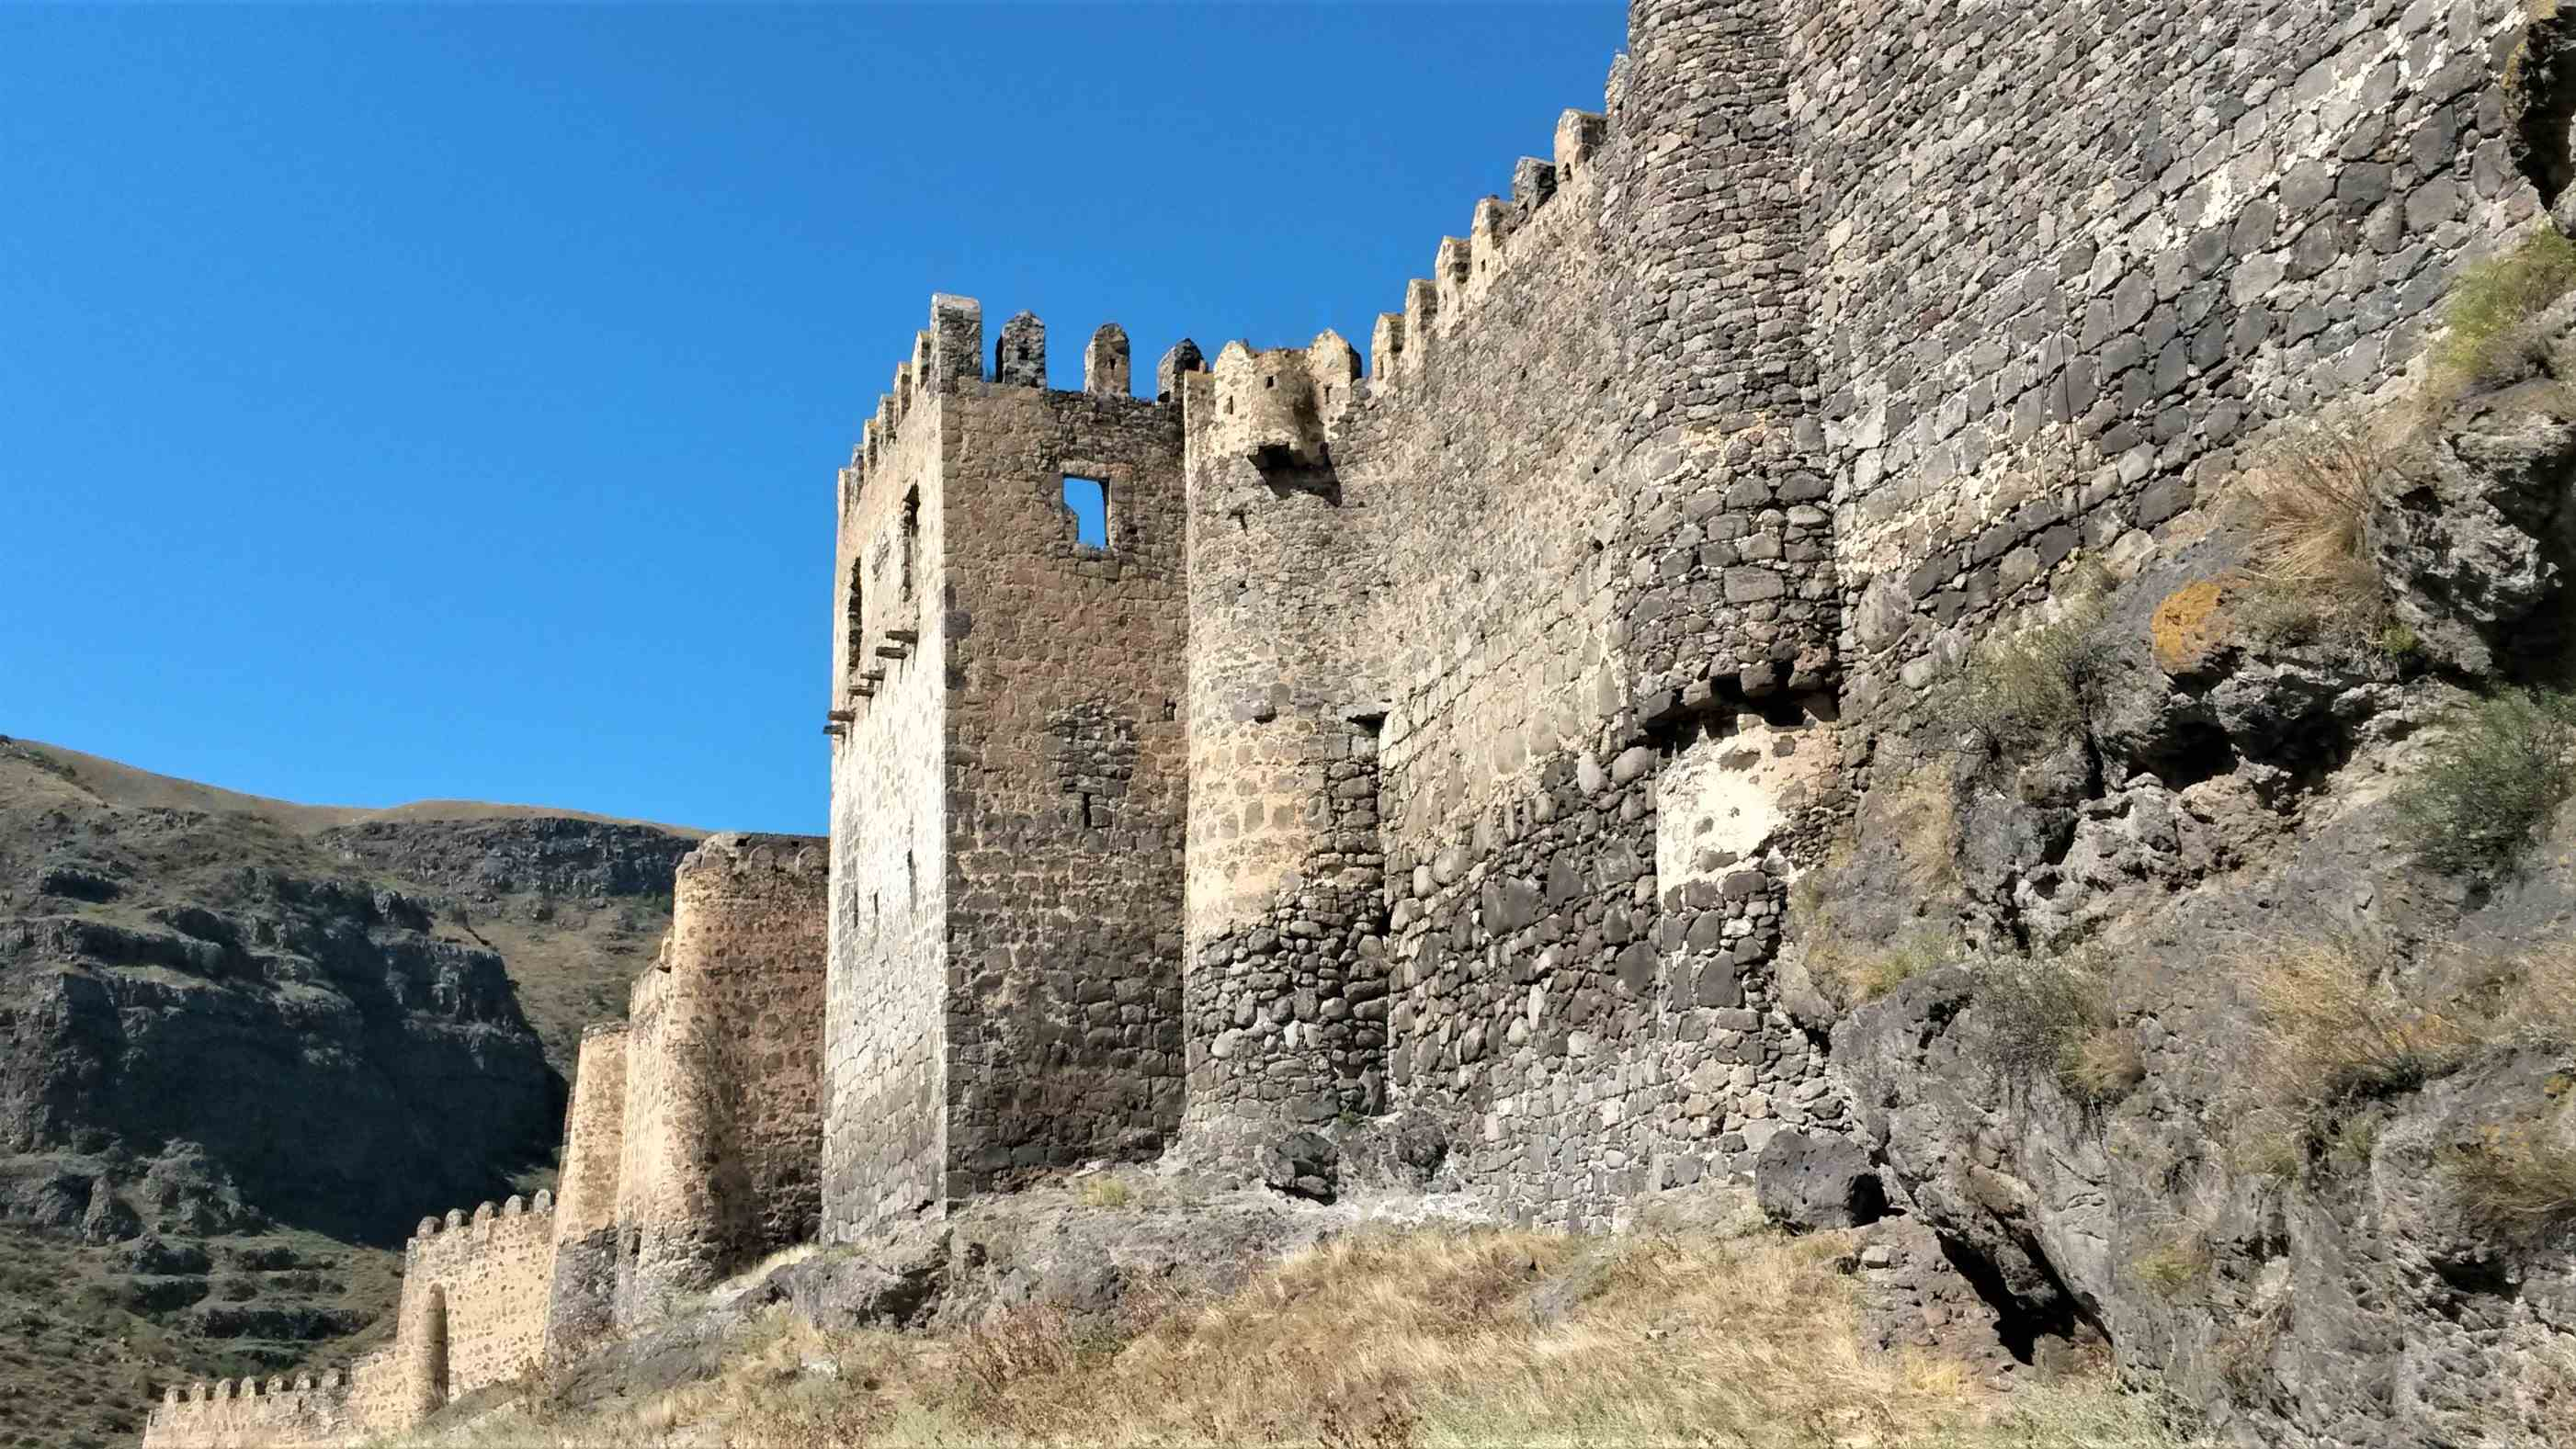 Крепость Хертивиси, на Великом Шелковом пути, отлично сохранилась